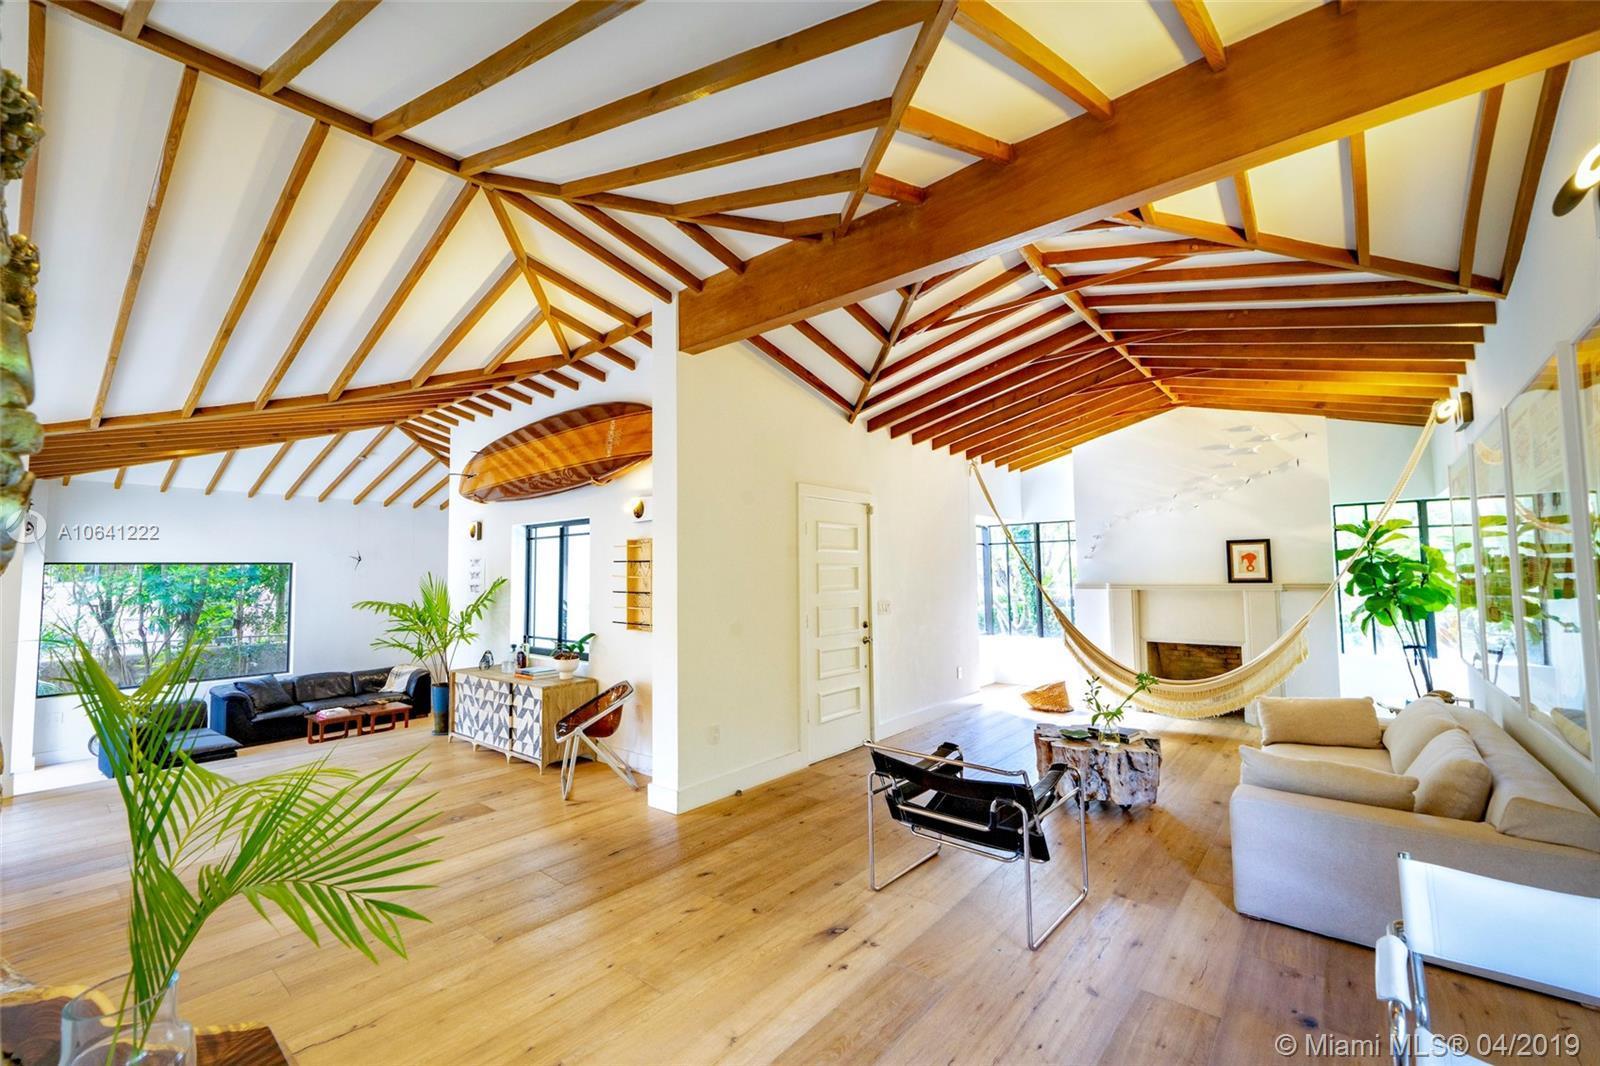 Designer's own, Morningside residence. Completely redone in 2015, this 3,094 SF home radiates tastef